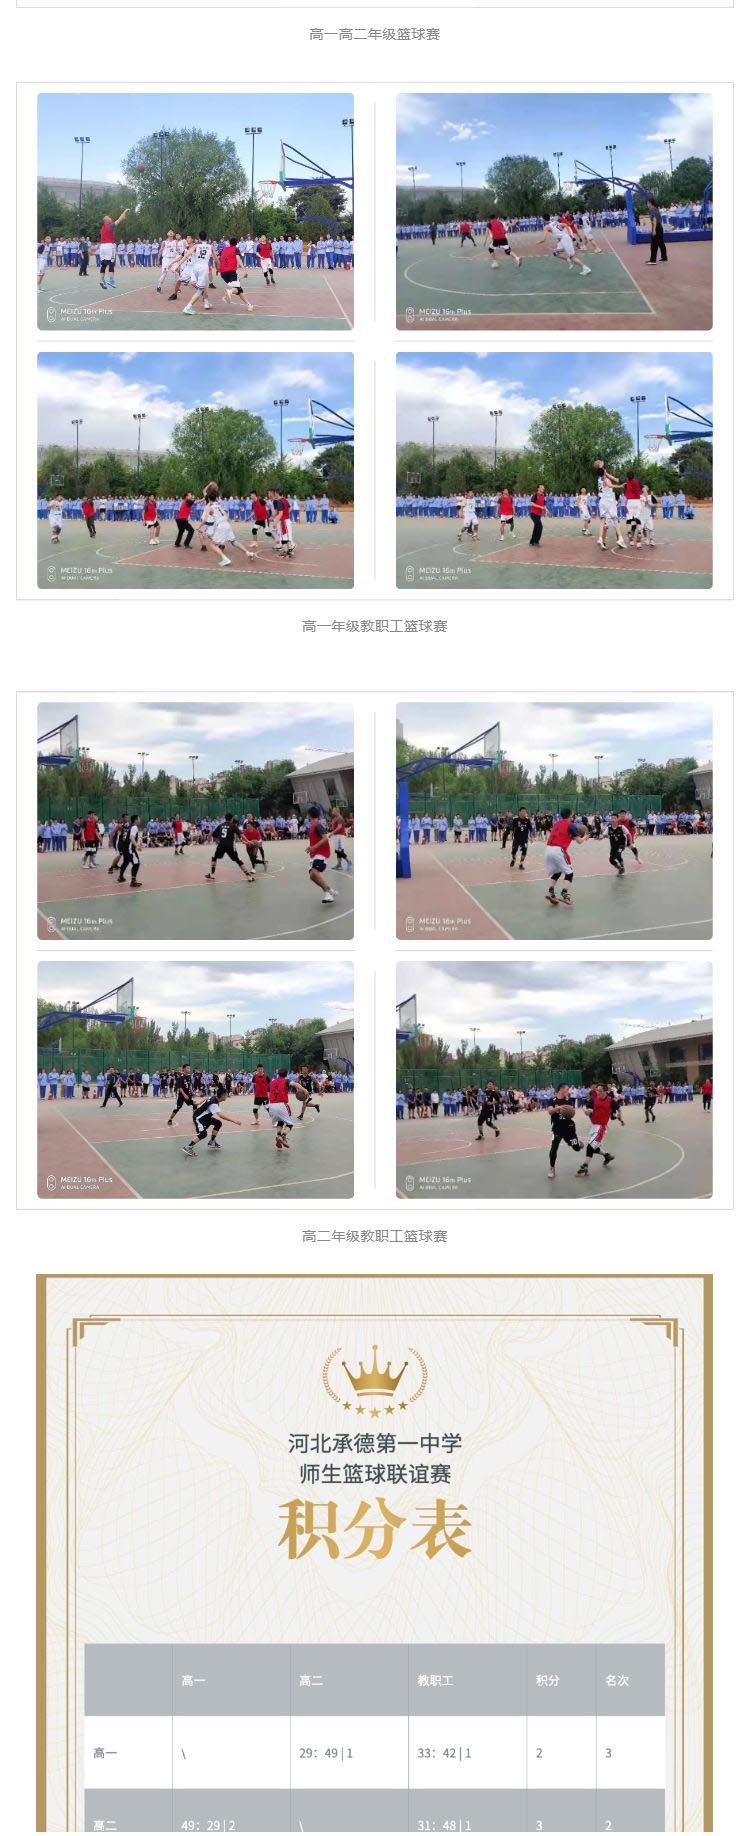 河北承德第一中学2021年校园文化体育艺术节系列勾当(二)_壹伴长图3.jpg